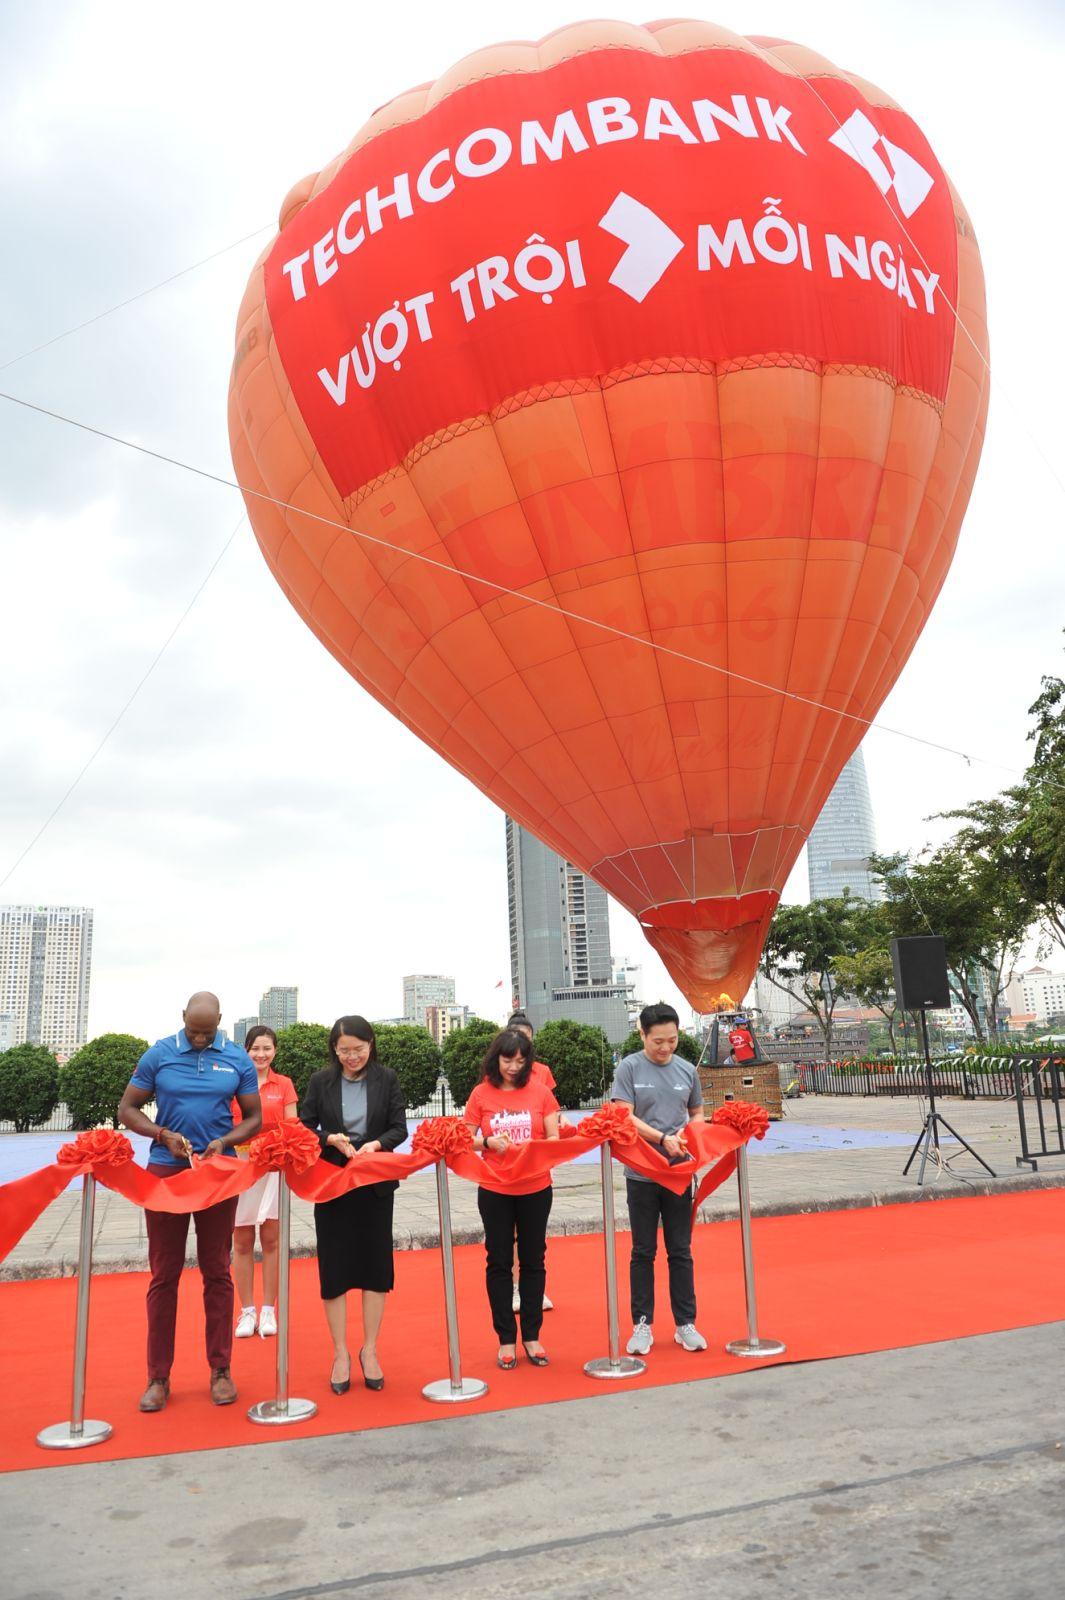 Hàng chục nghìn vận động viên chinh phục cung đường xanh tại giải Marathon quốc tế Thành phố Hồ Chí Minh Techcombank 2019 - Ảnh 3